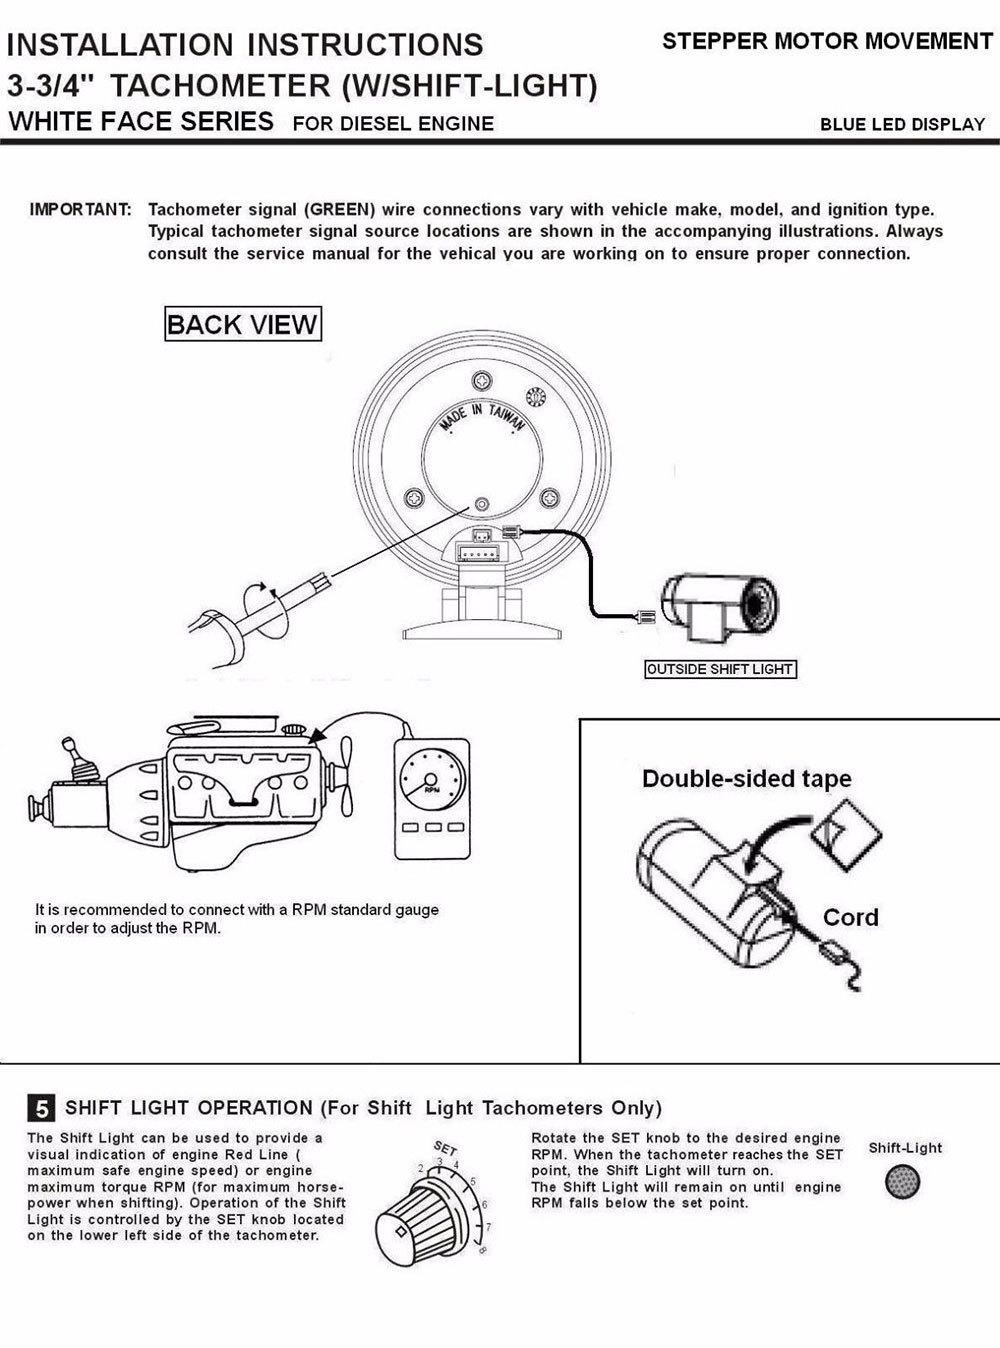 Часть инструкции по подключению тахометра на дизель